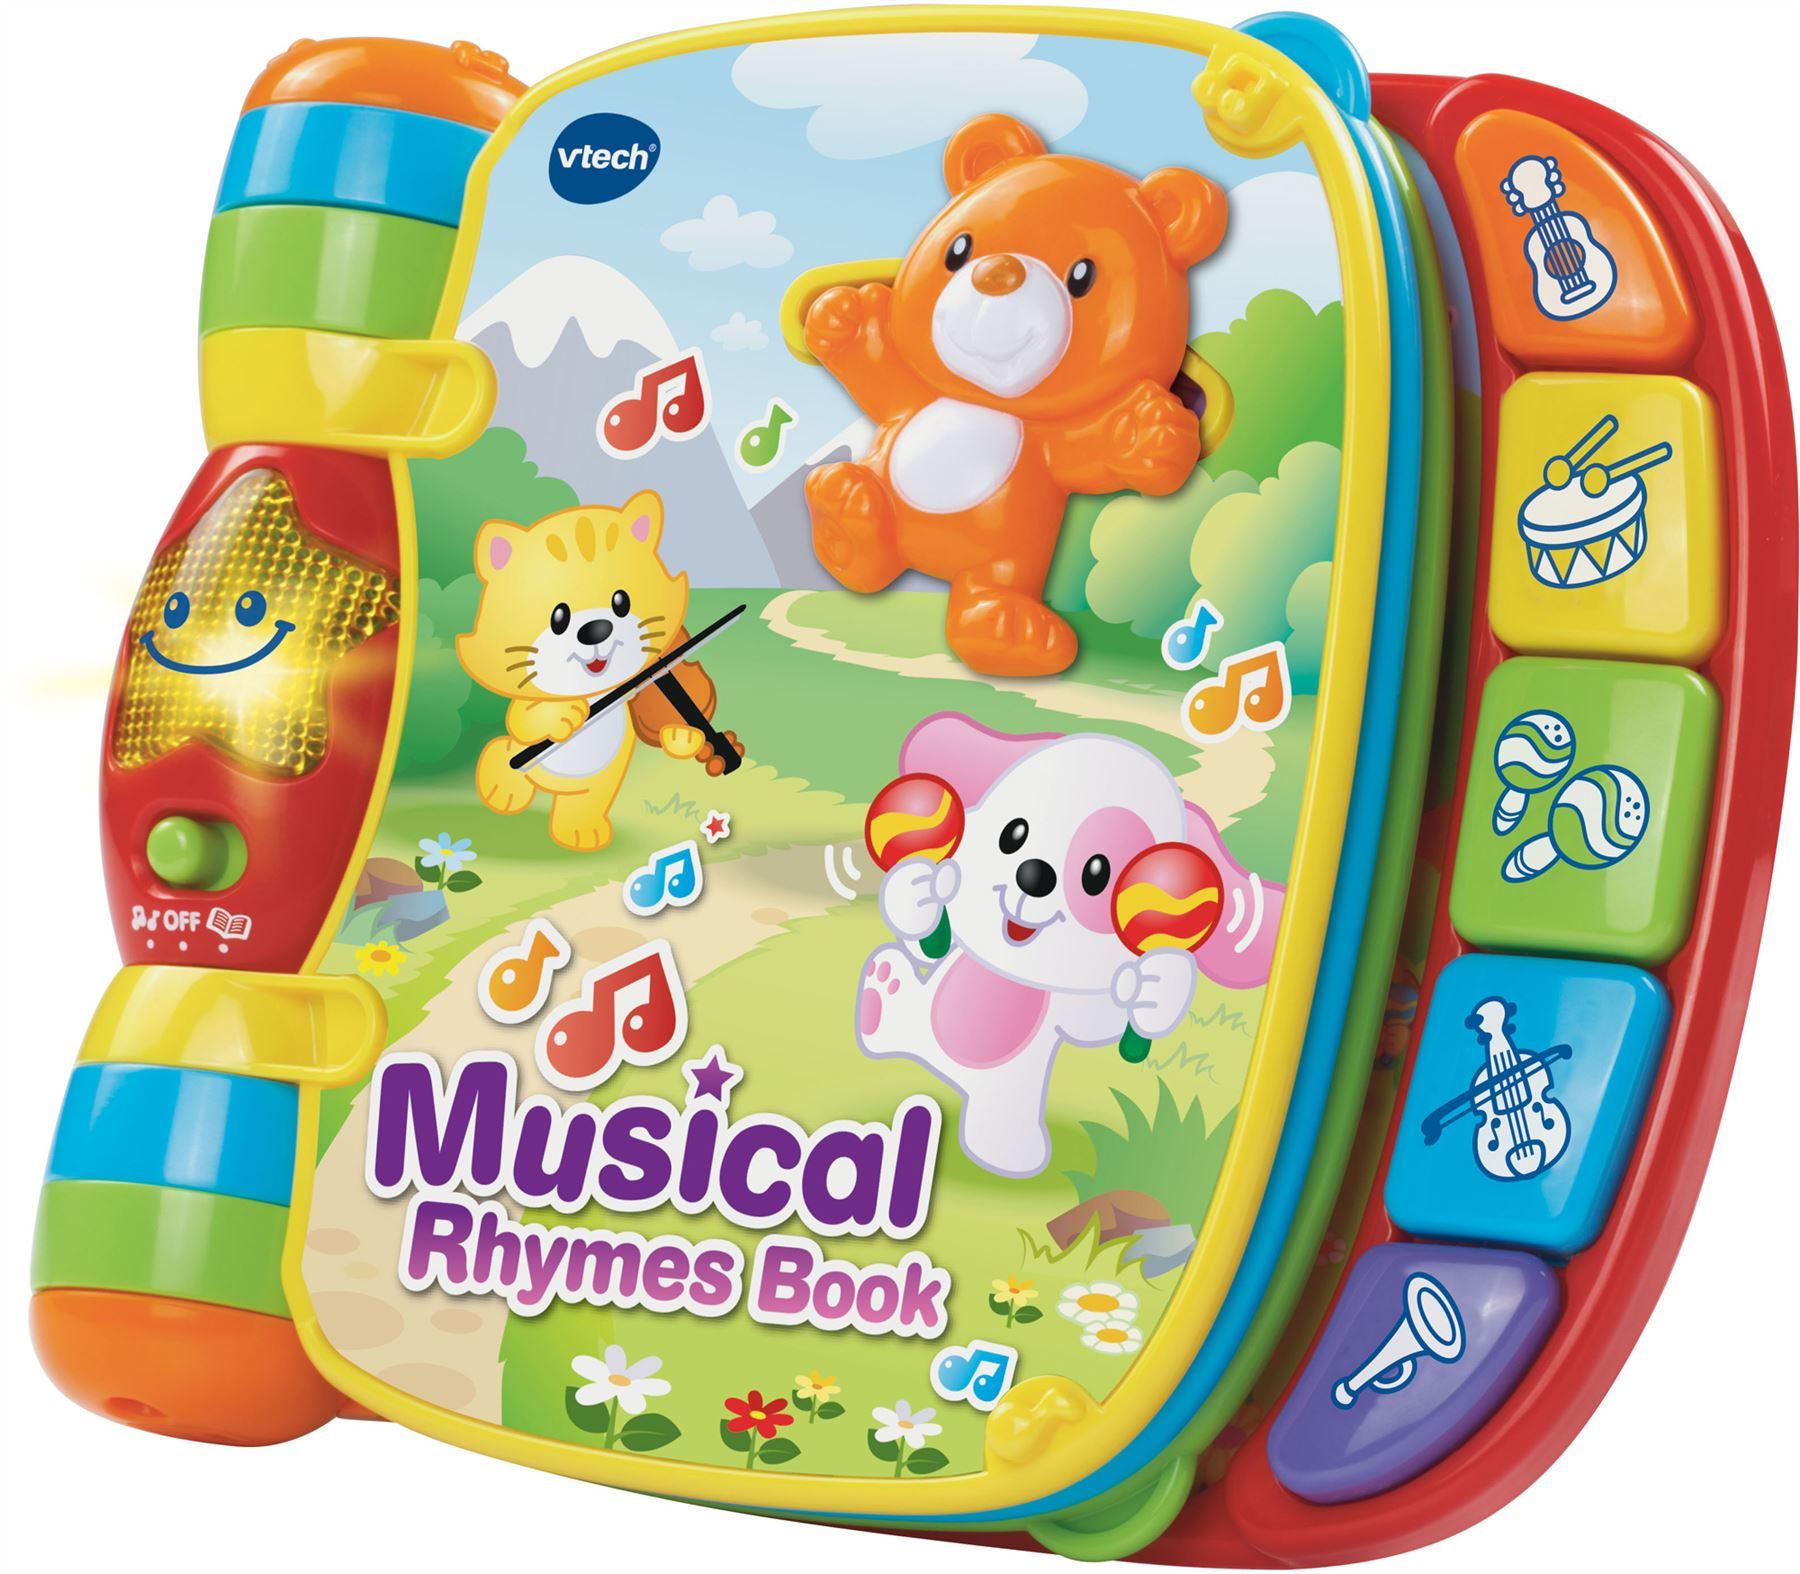 Details Sur Vtech Musical Rime Livre Bebe Enfant En Bas Age Debut Lecture Education Histoire